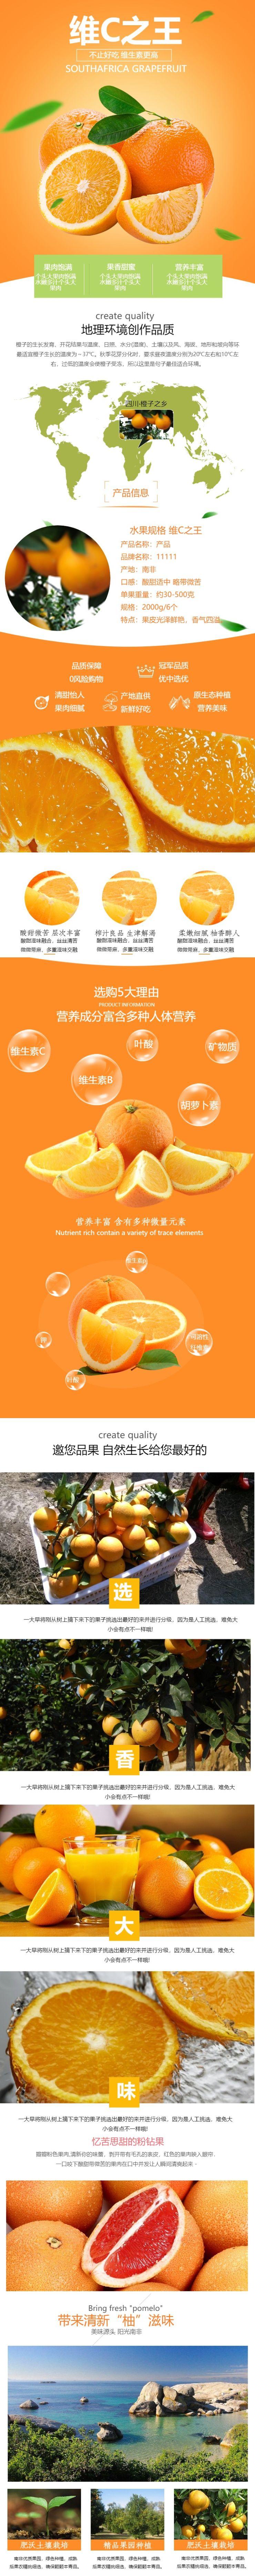 清新简约百货零售促销生鲜水果脐橙橙子促销电商详情页